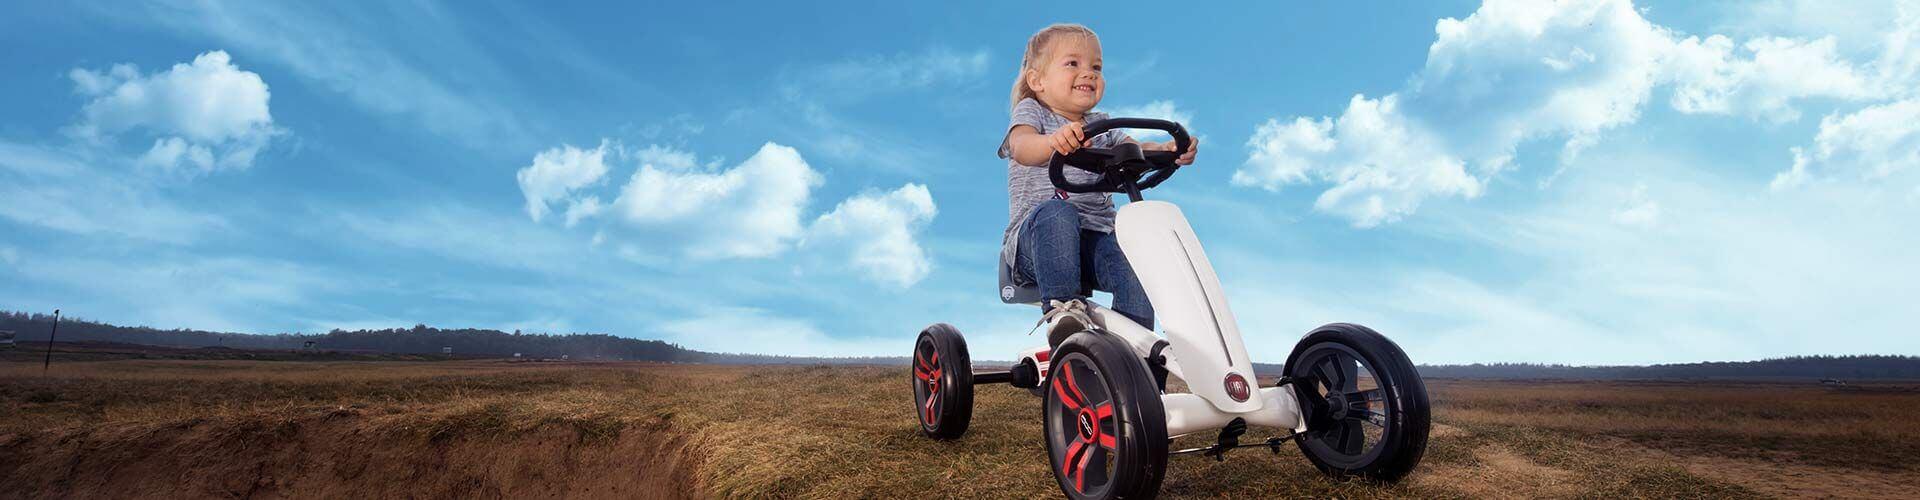 Fiat 500 wird 60 - hier die Kindervariante von BERG Toys - kaufen auf gokart-profi.de